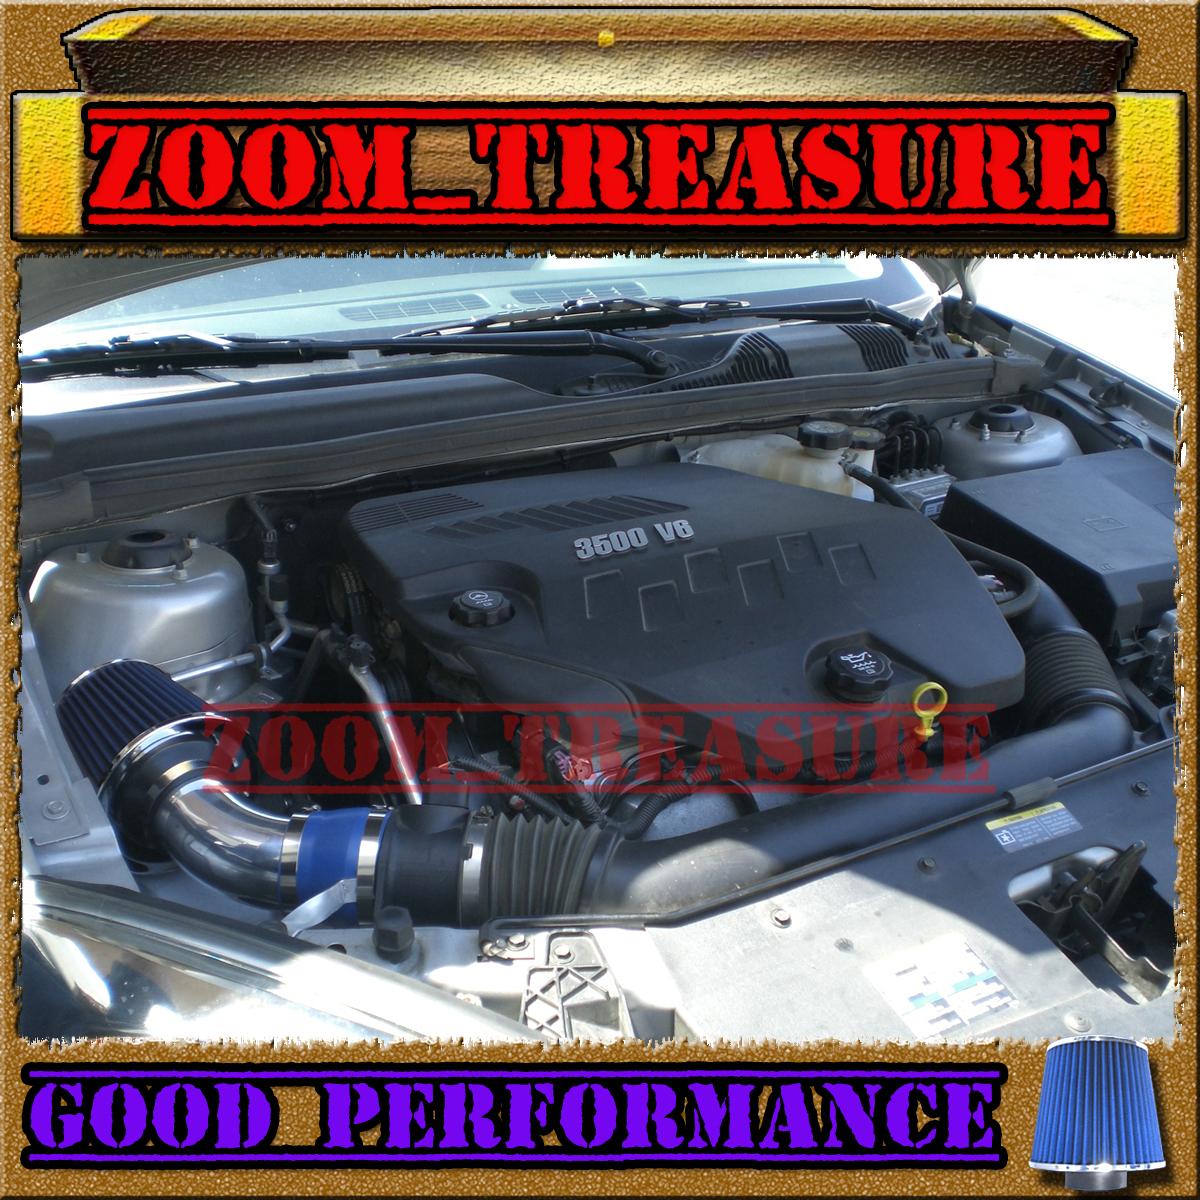 BLACK BLUE 07 08 09 2007 2008 2009 SATURN AURA 3.6 3.6L V6 FULL AIR INTAKE KIT